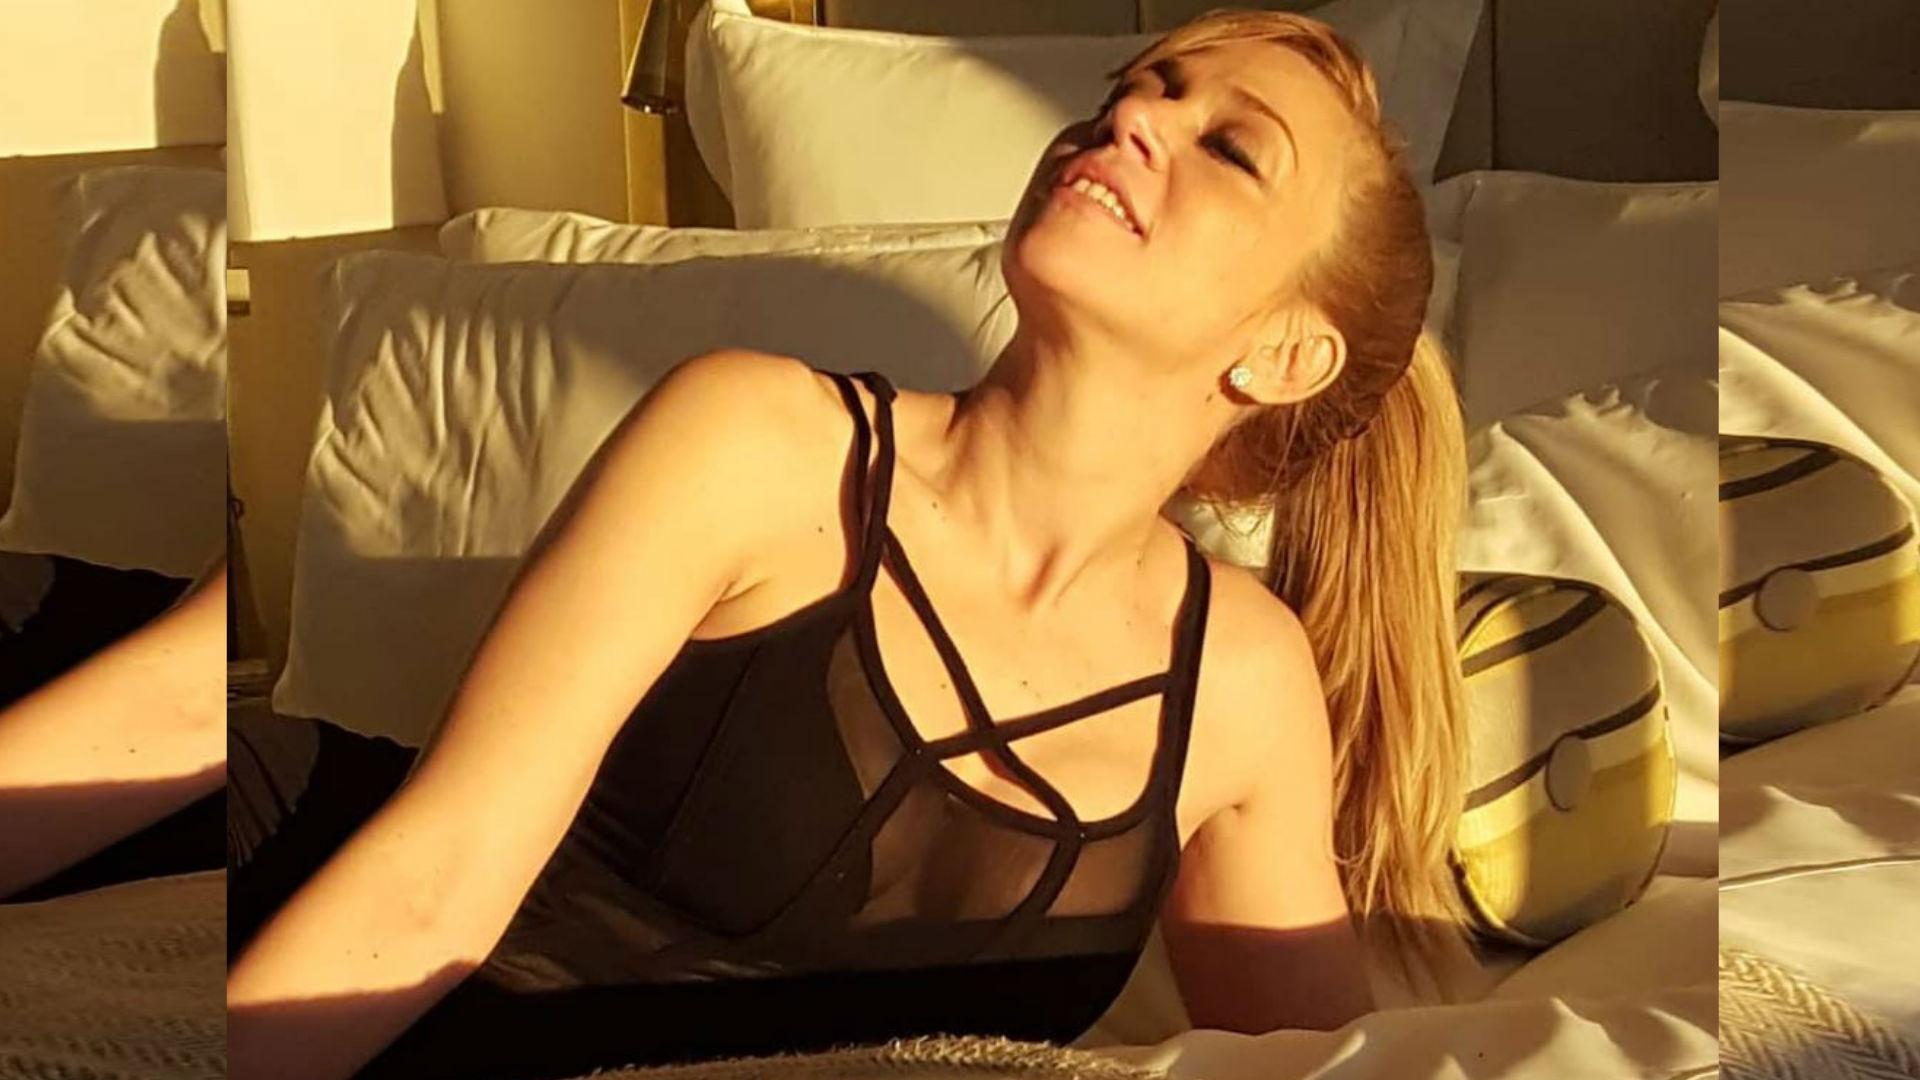 Noelia se convirtió en actriz de contenidos sexuales